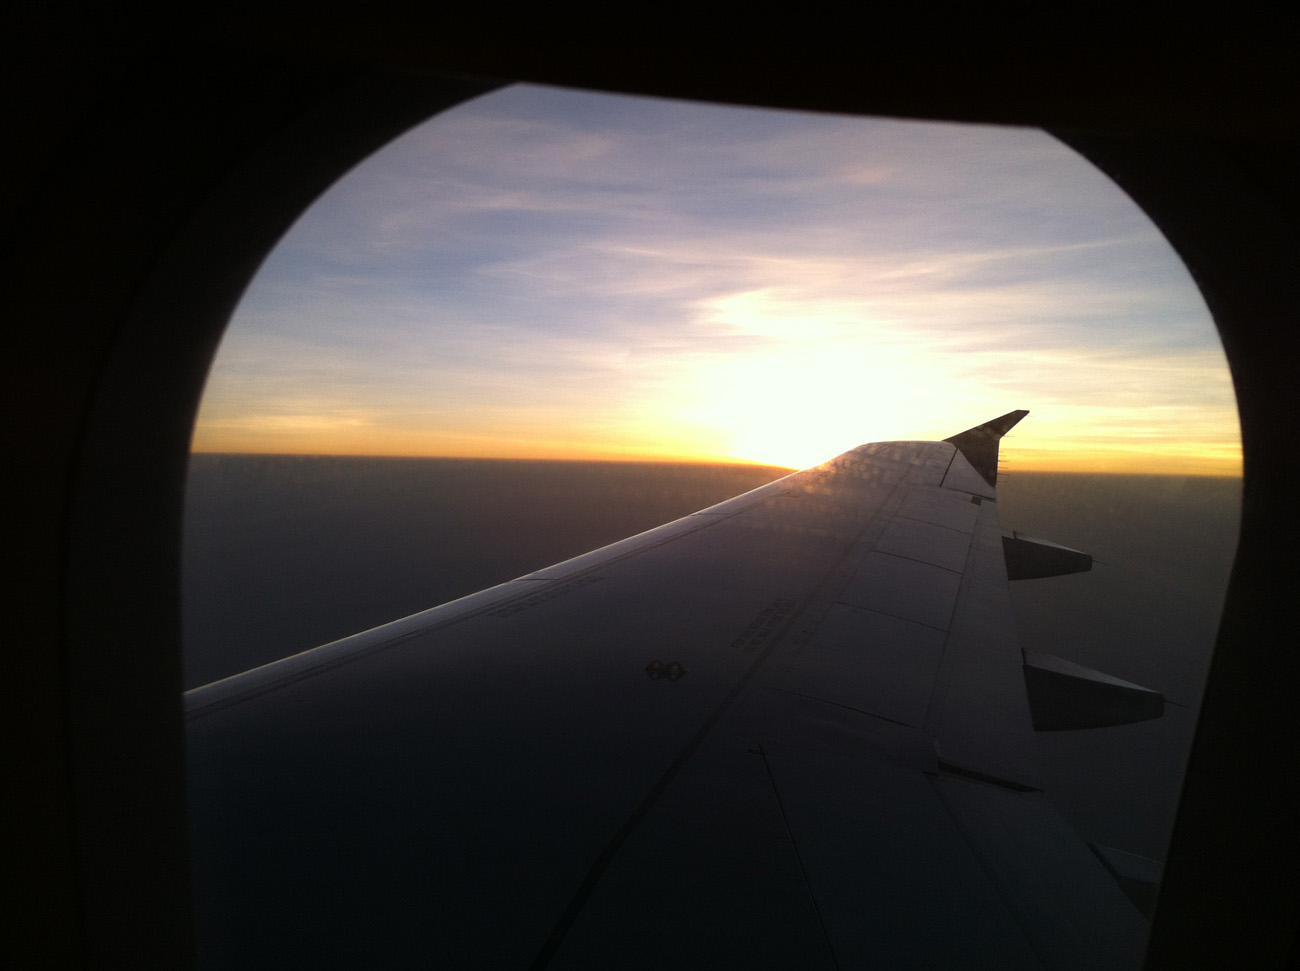 Рейс Доха-Бангкок авиакомпании Qatar Airways